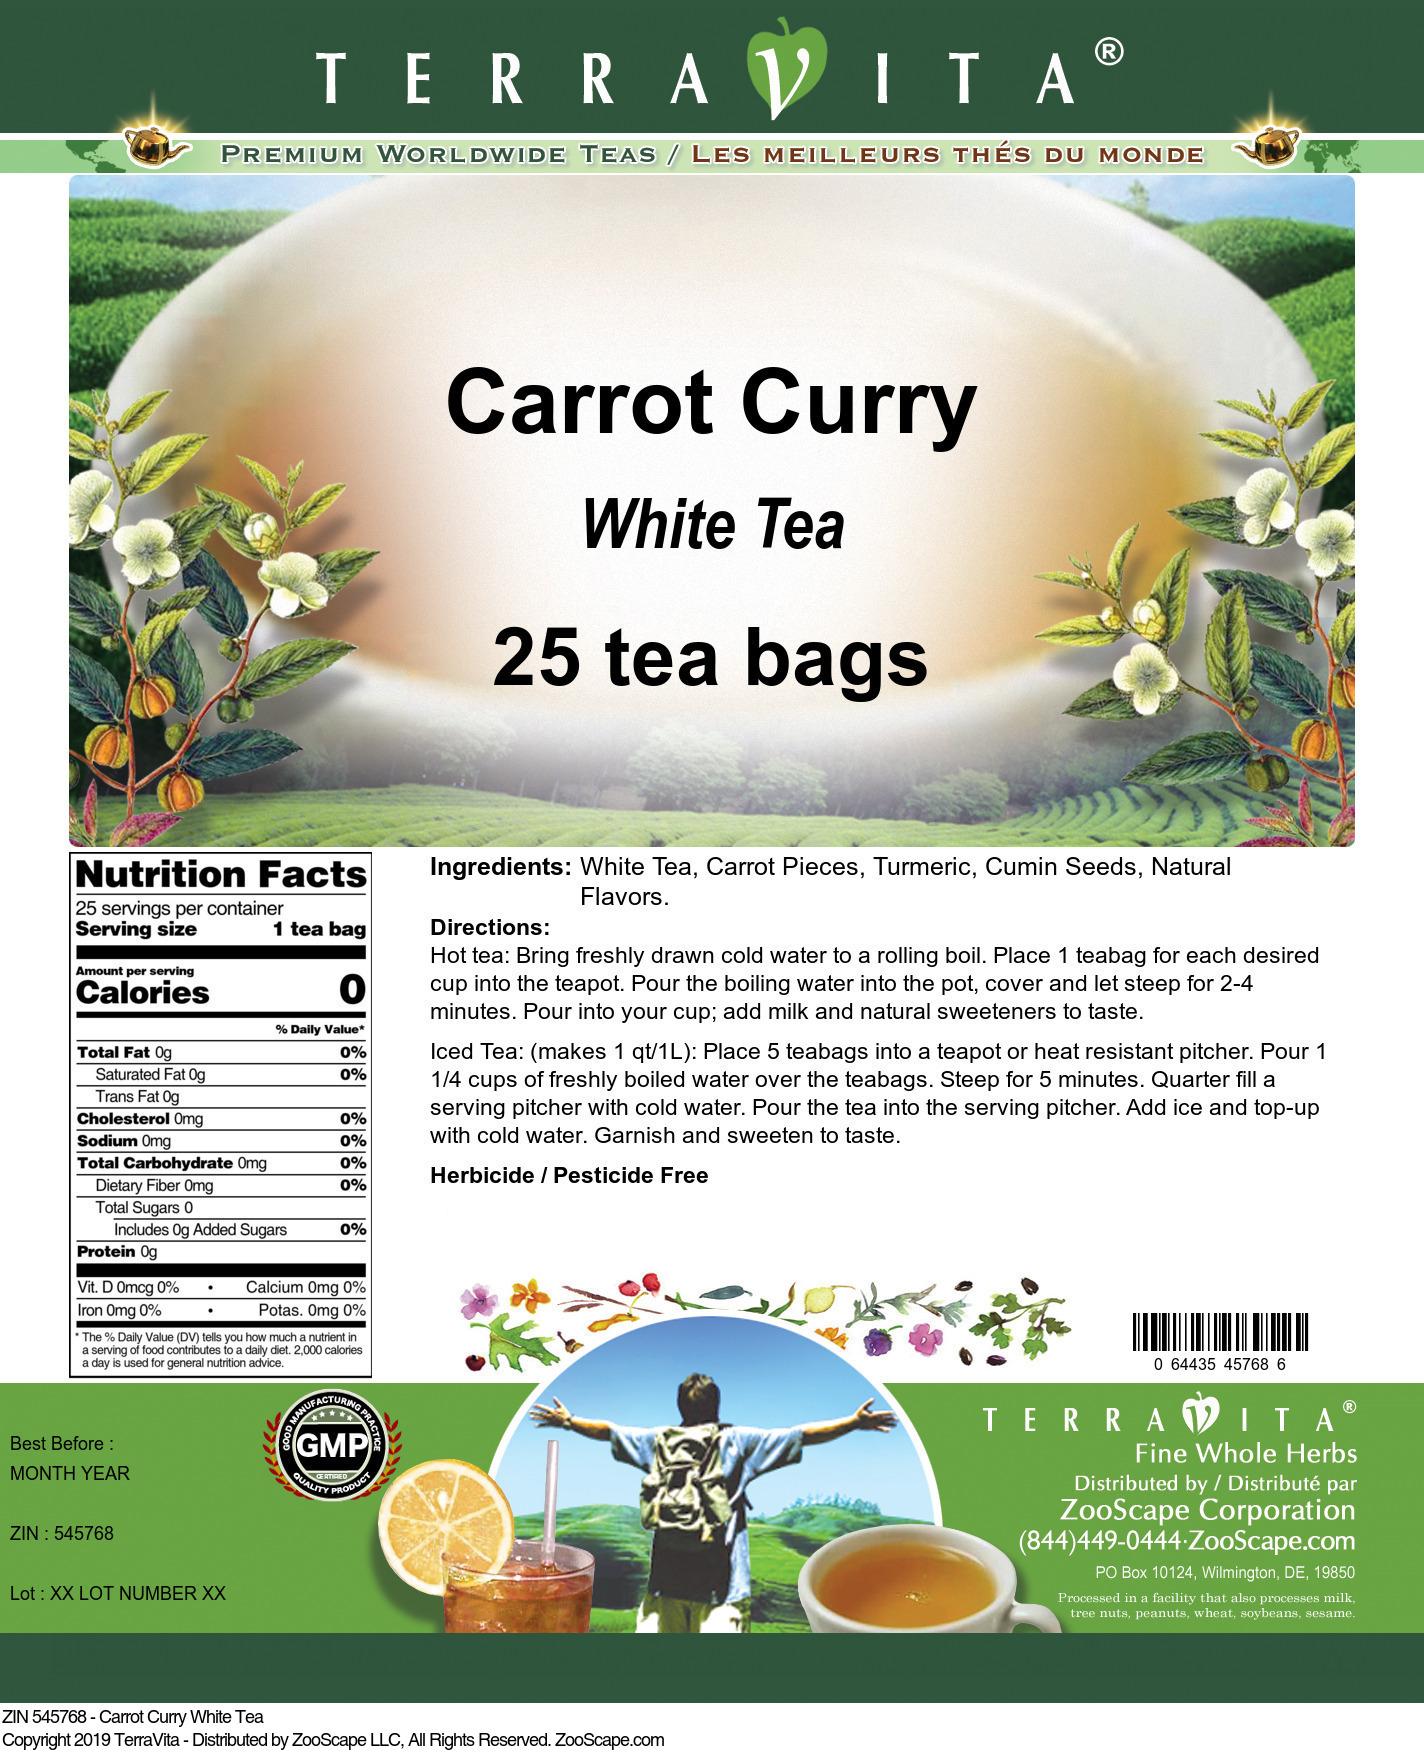 Carrot Curry White Tea